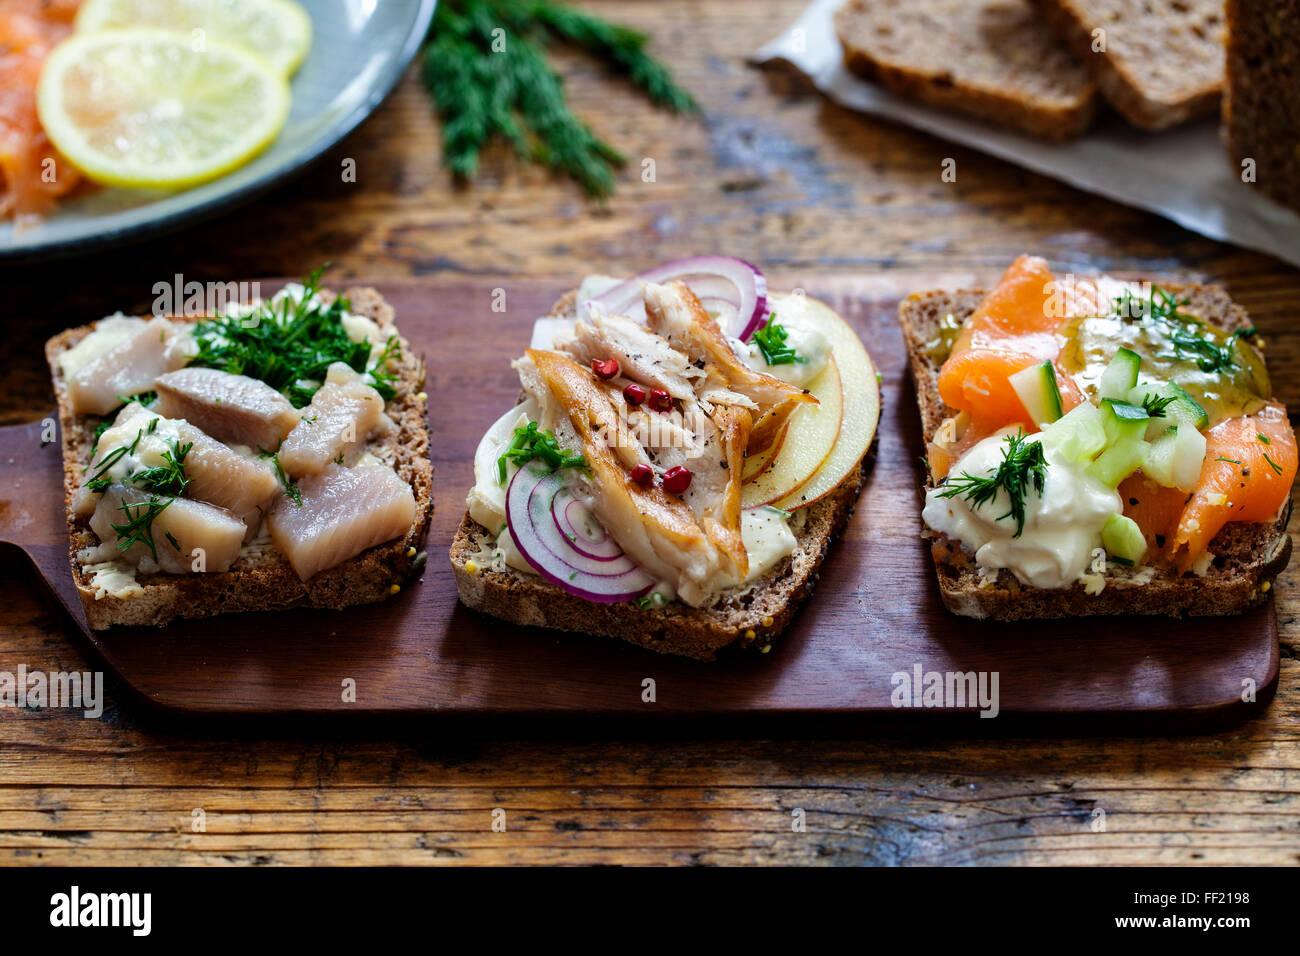 Skandinavische Sandwiches mit geräucherter Makrele, Hering und Lachs Stockbild